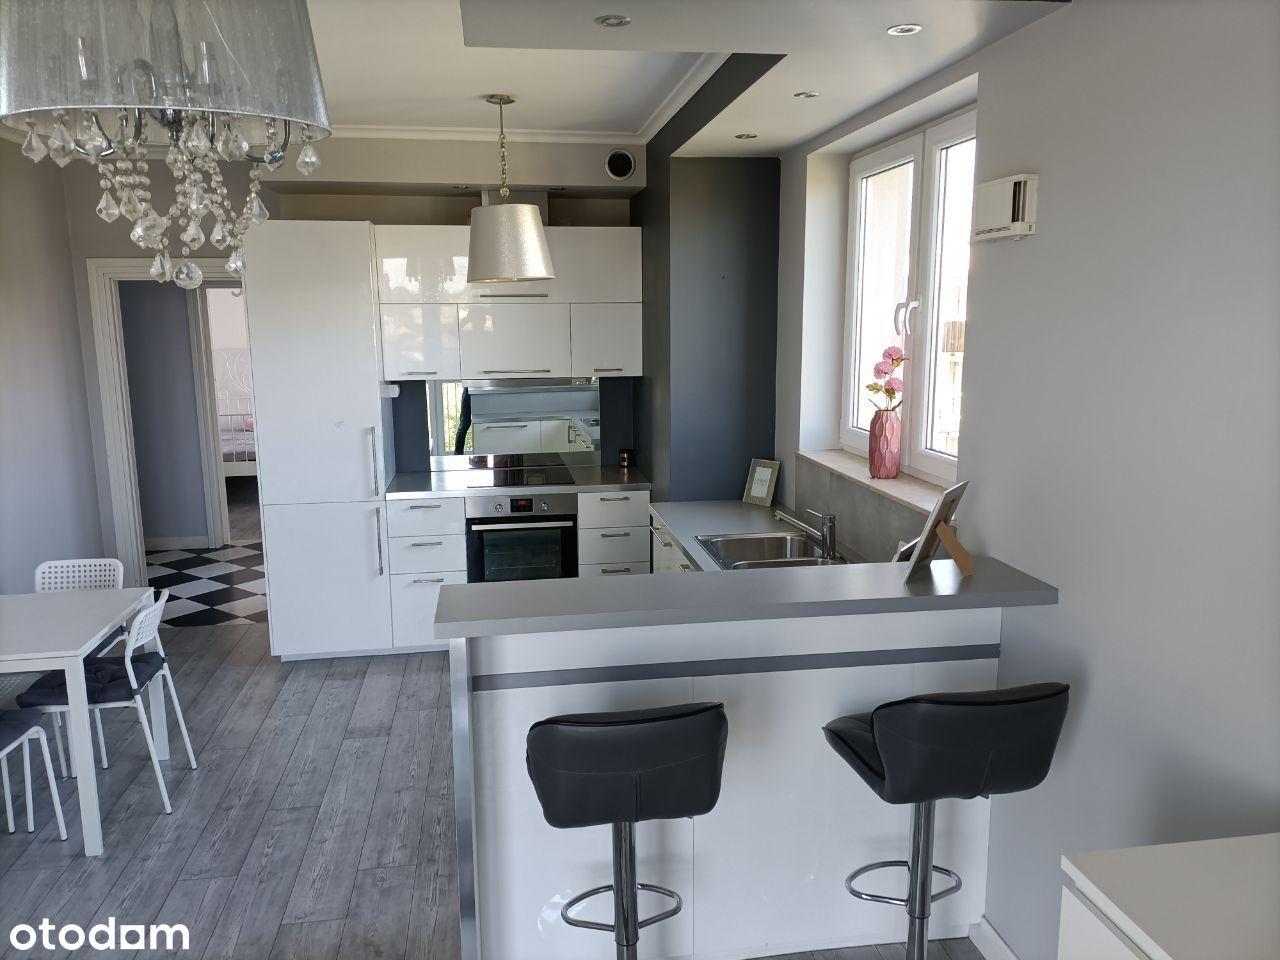 BEZPOŚREDNIO 3 pokojowe mieszkanie 53m2 + garaż